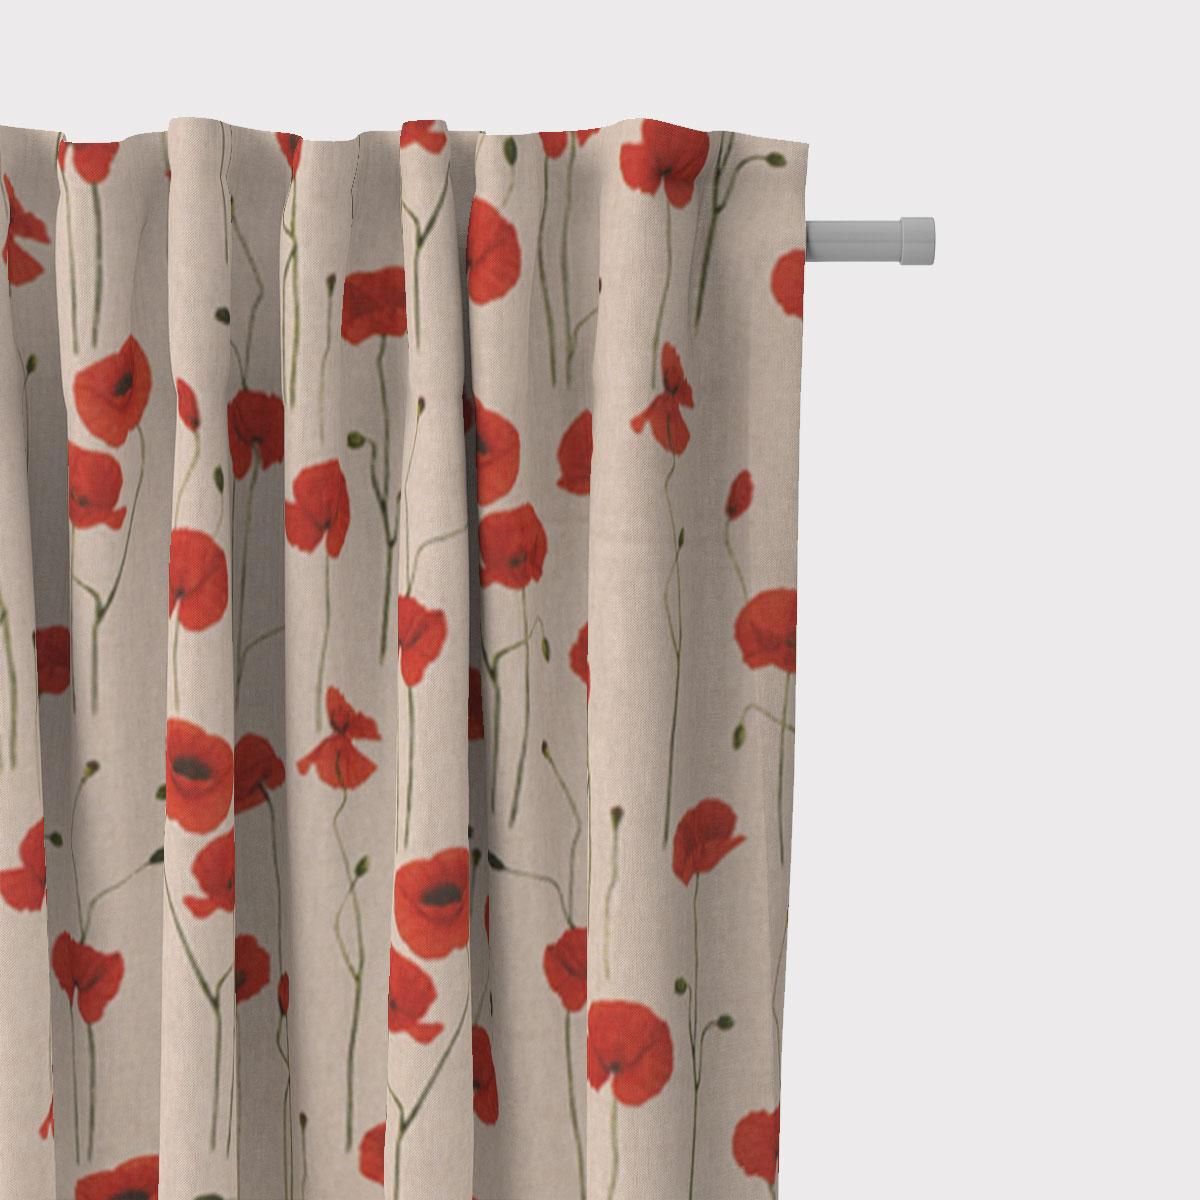 SCHÖNER LEBEN. Vorhang Leinenlook Poppy Field Mohnblumen natur rot 245cm oder Wunschlänge